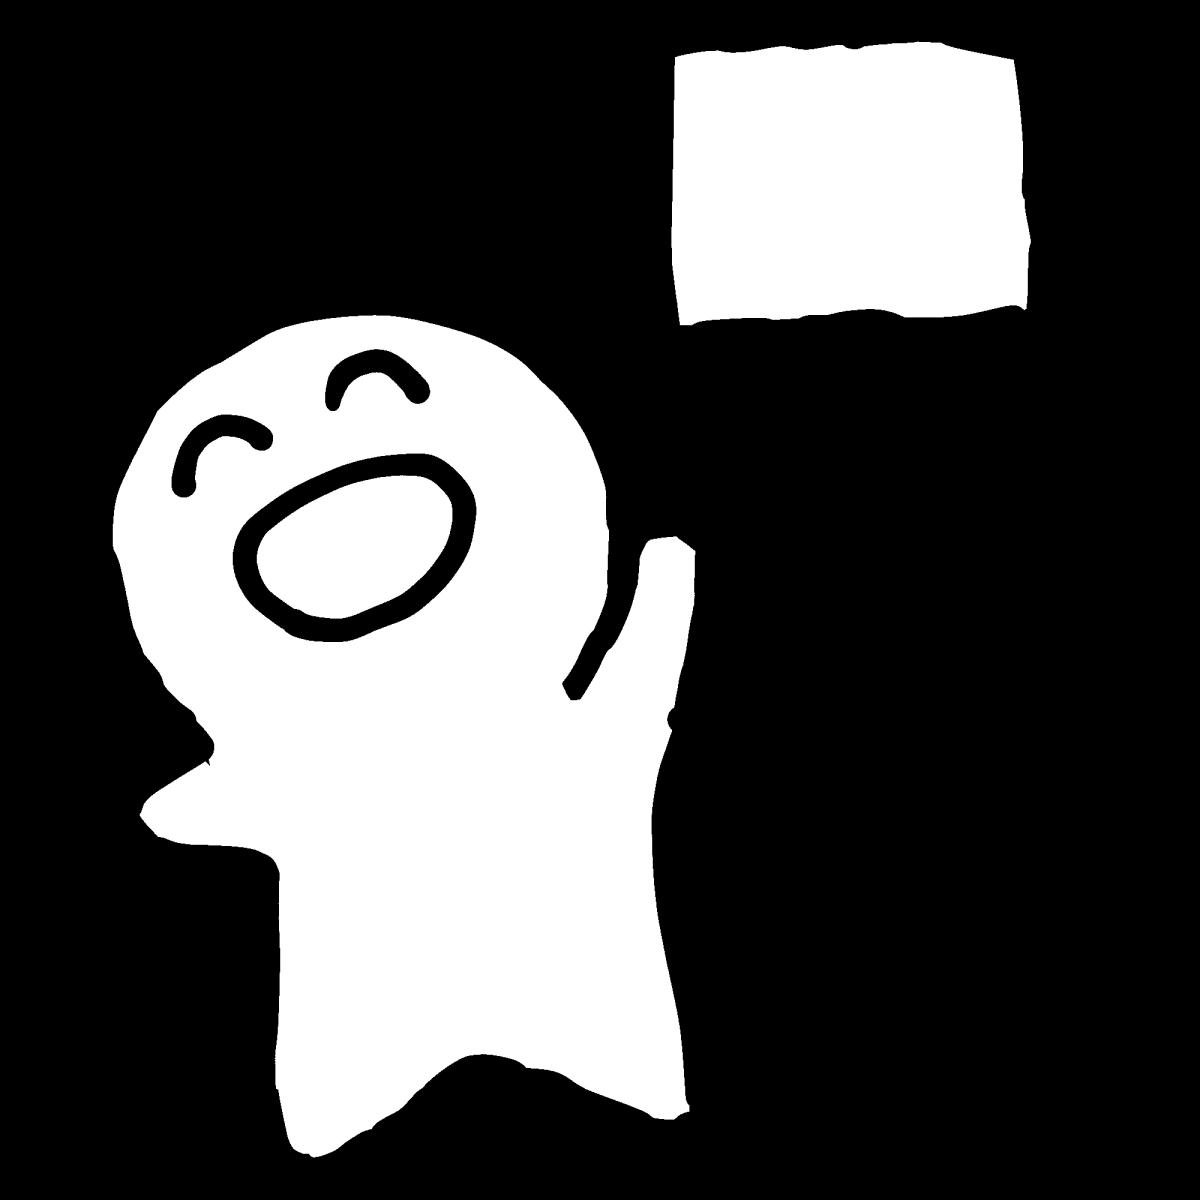 小さな手旗で応援のイラスト / Cheering with small flags Illustration